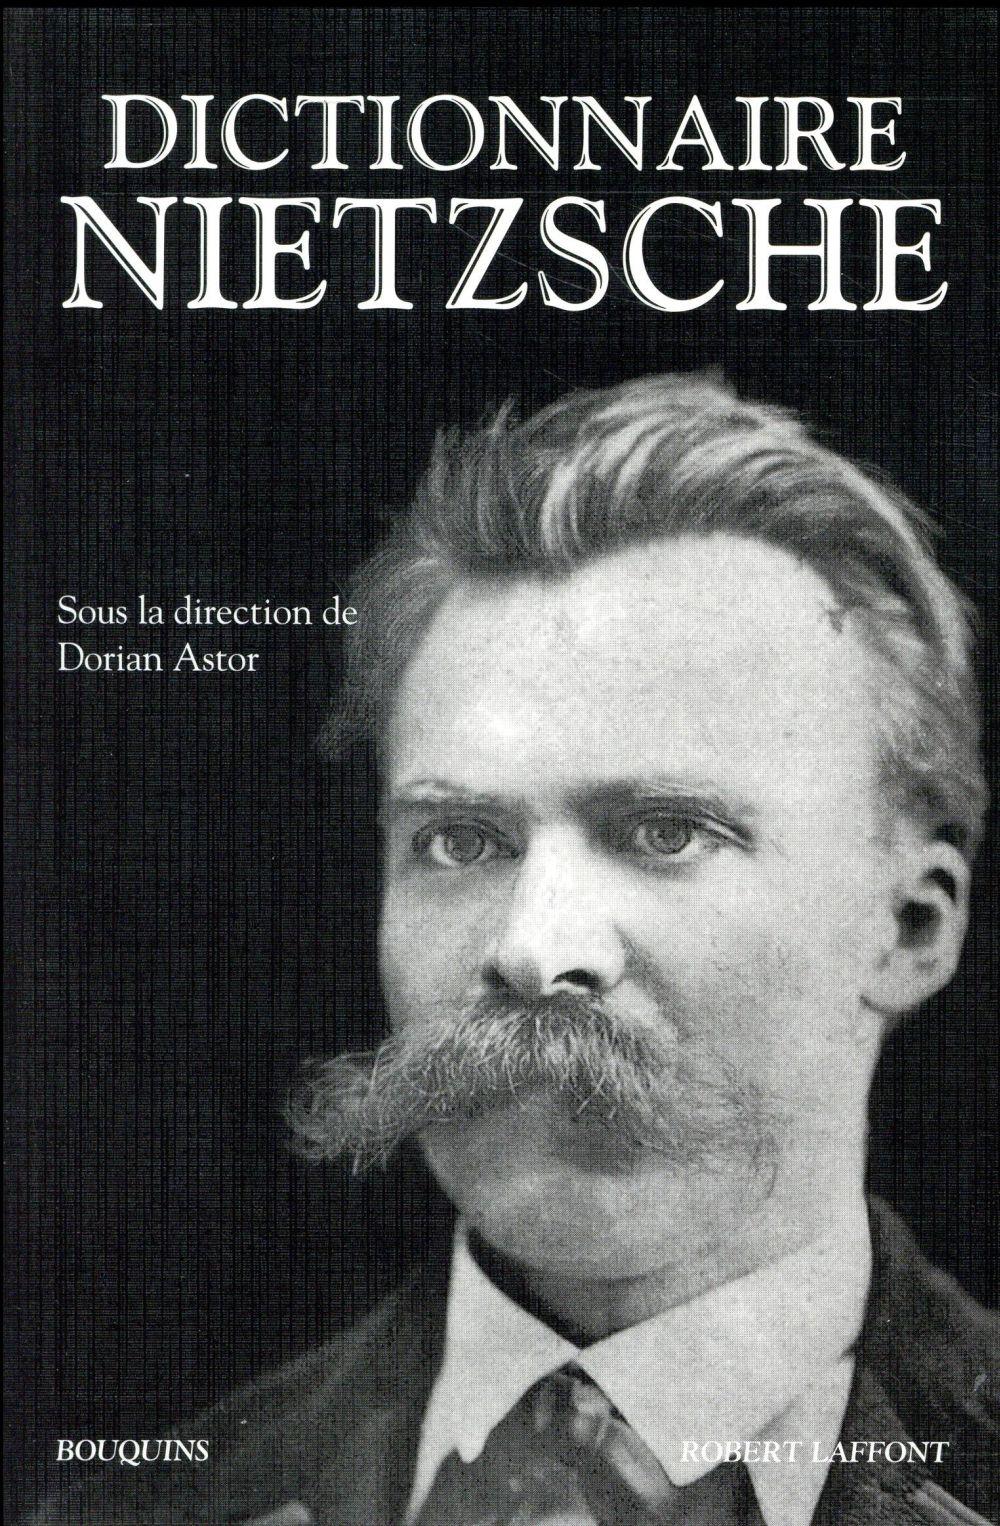 DICTIONNAIRE NIETZSCHE  R. Laffont